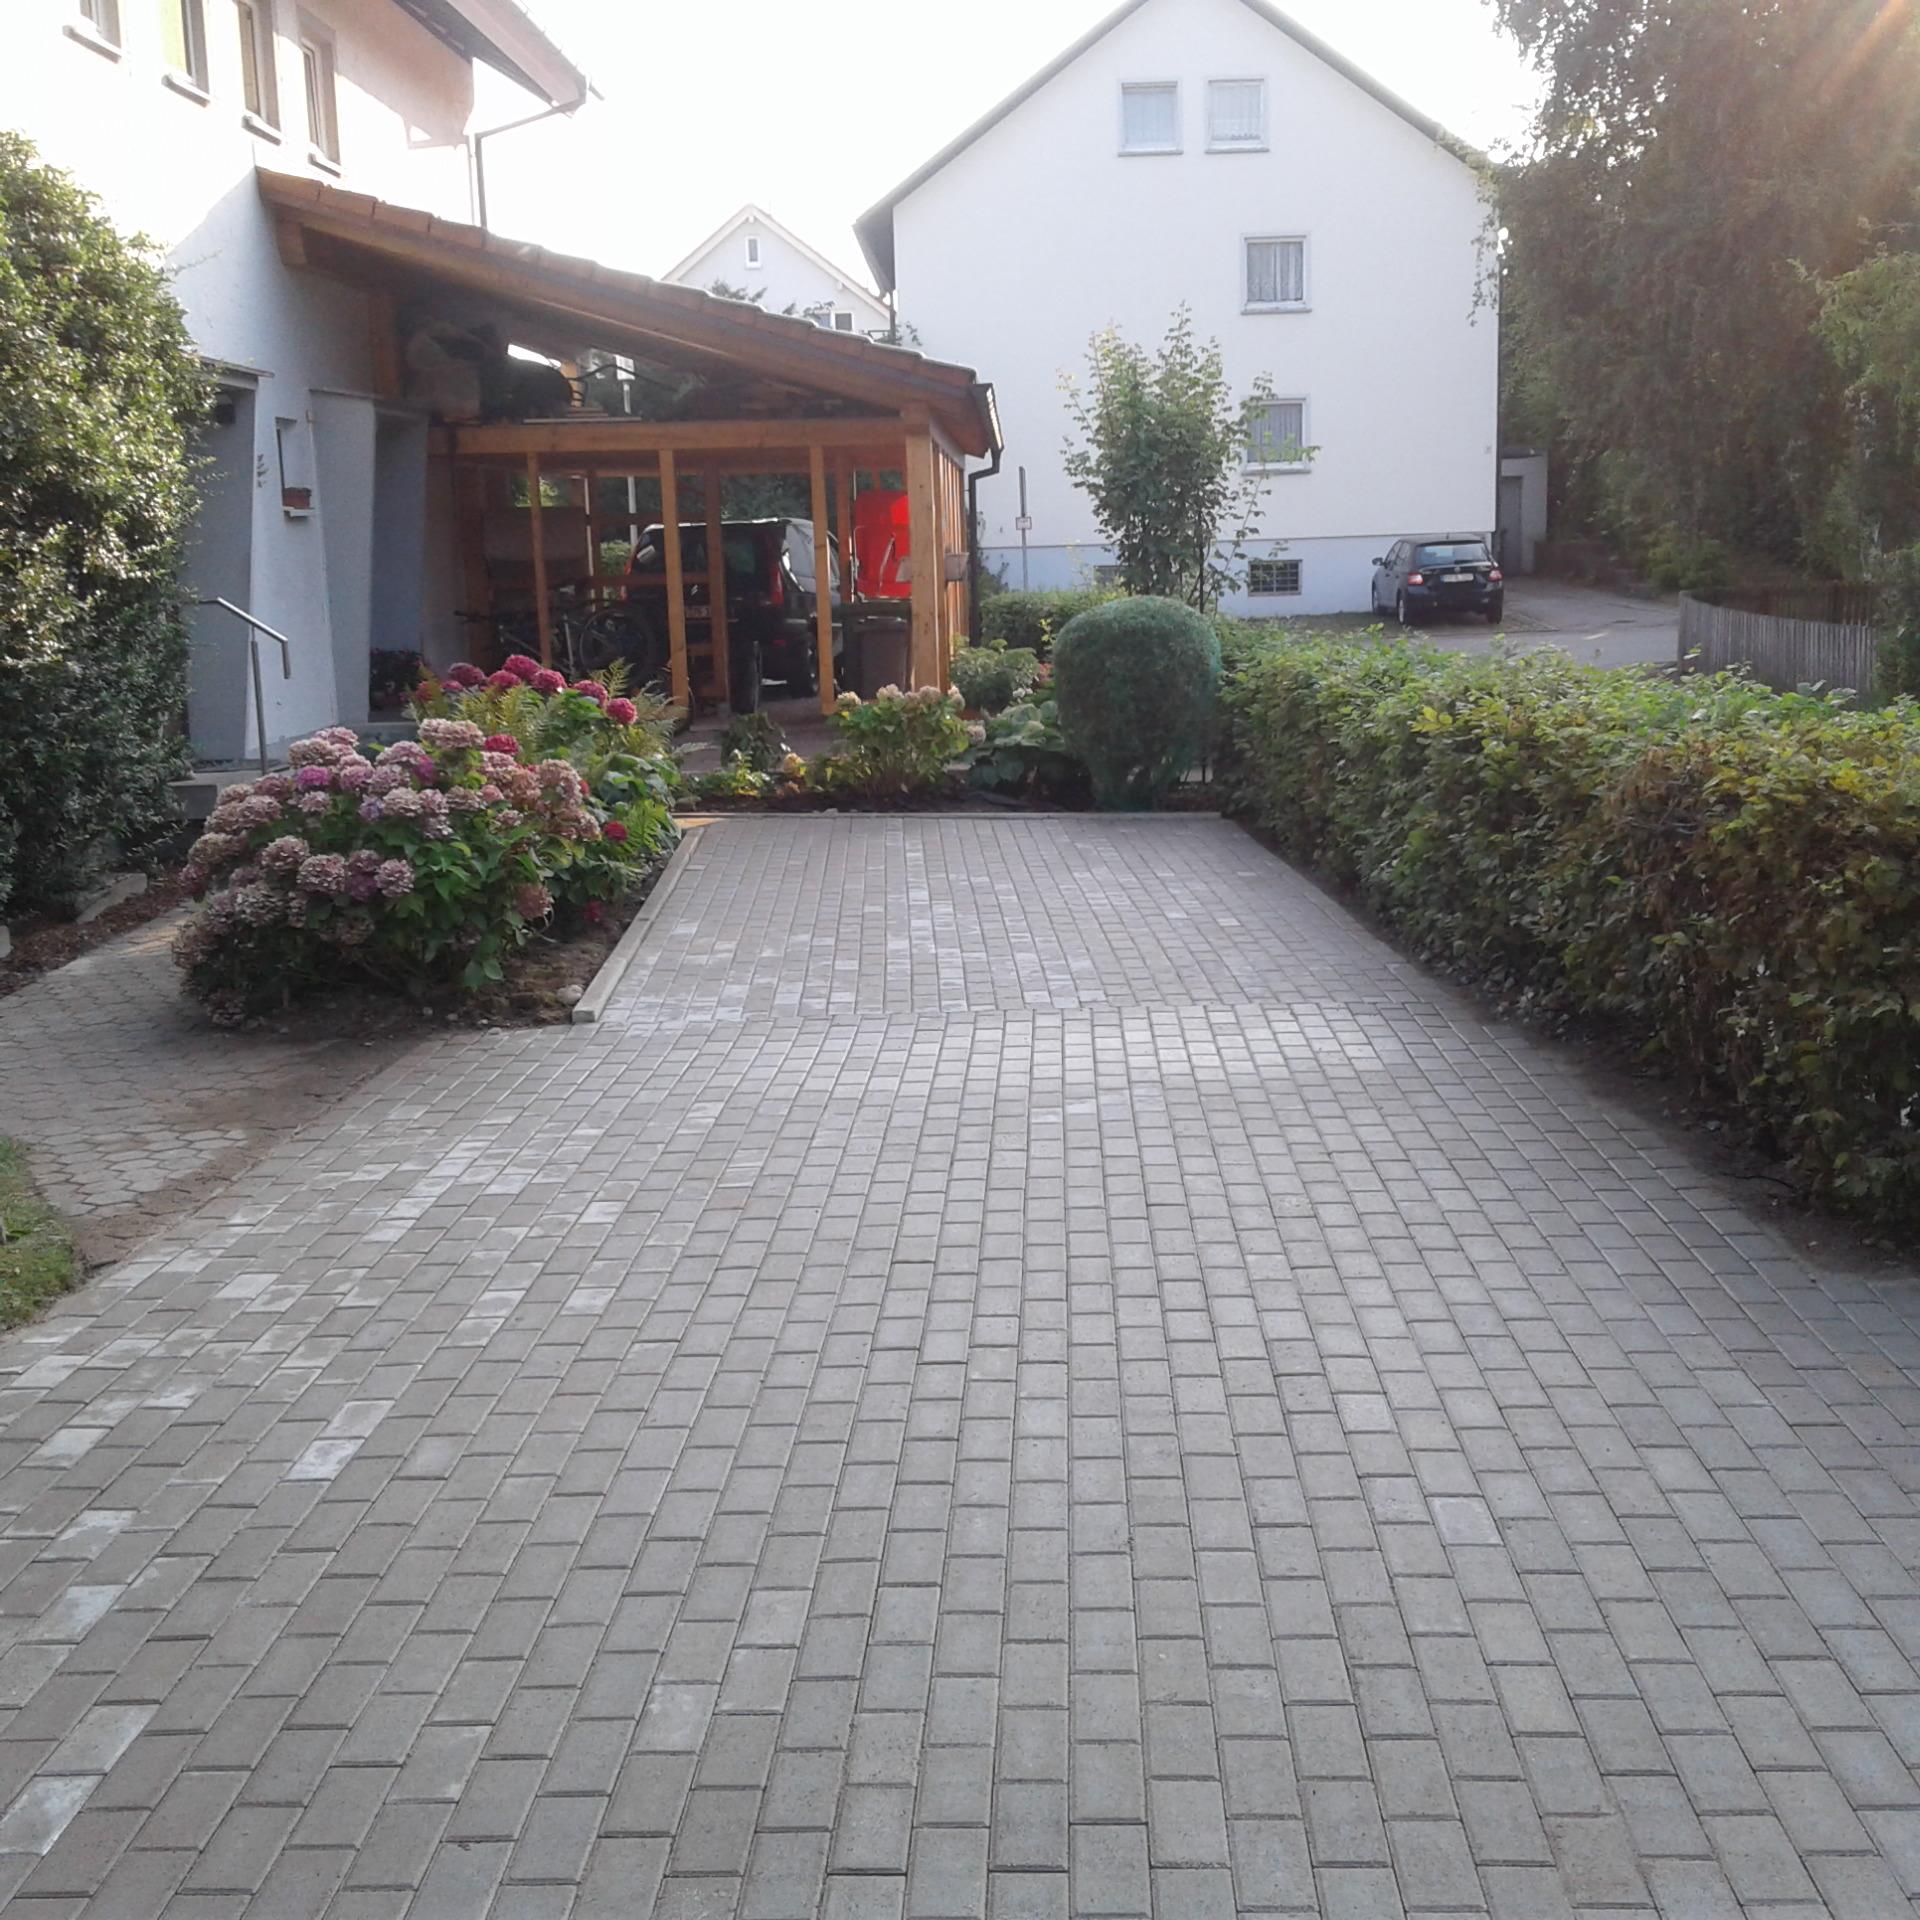 Pflasterprojekt in Wangen - NACHHER